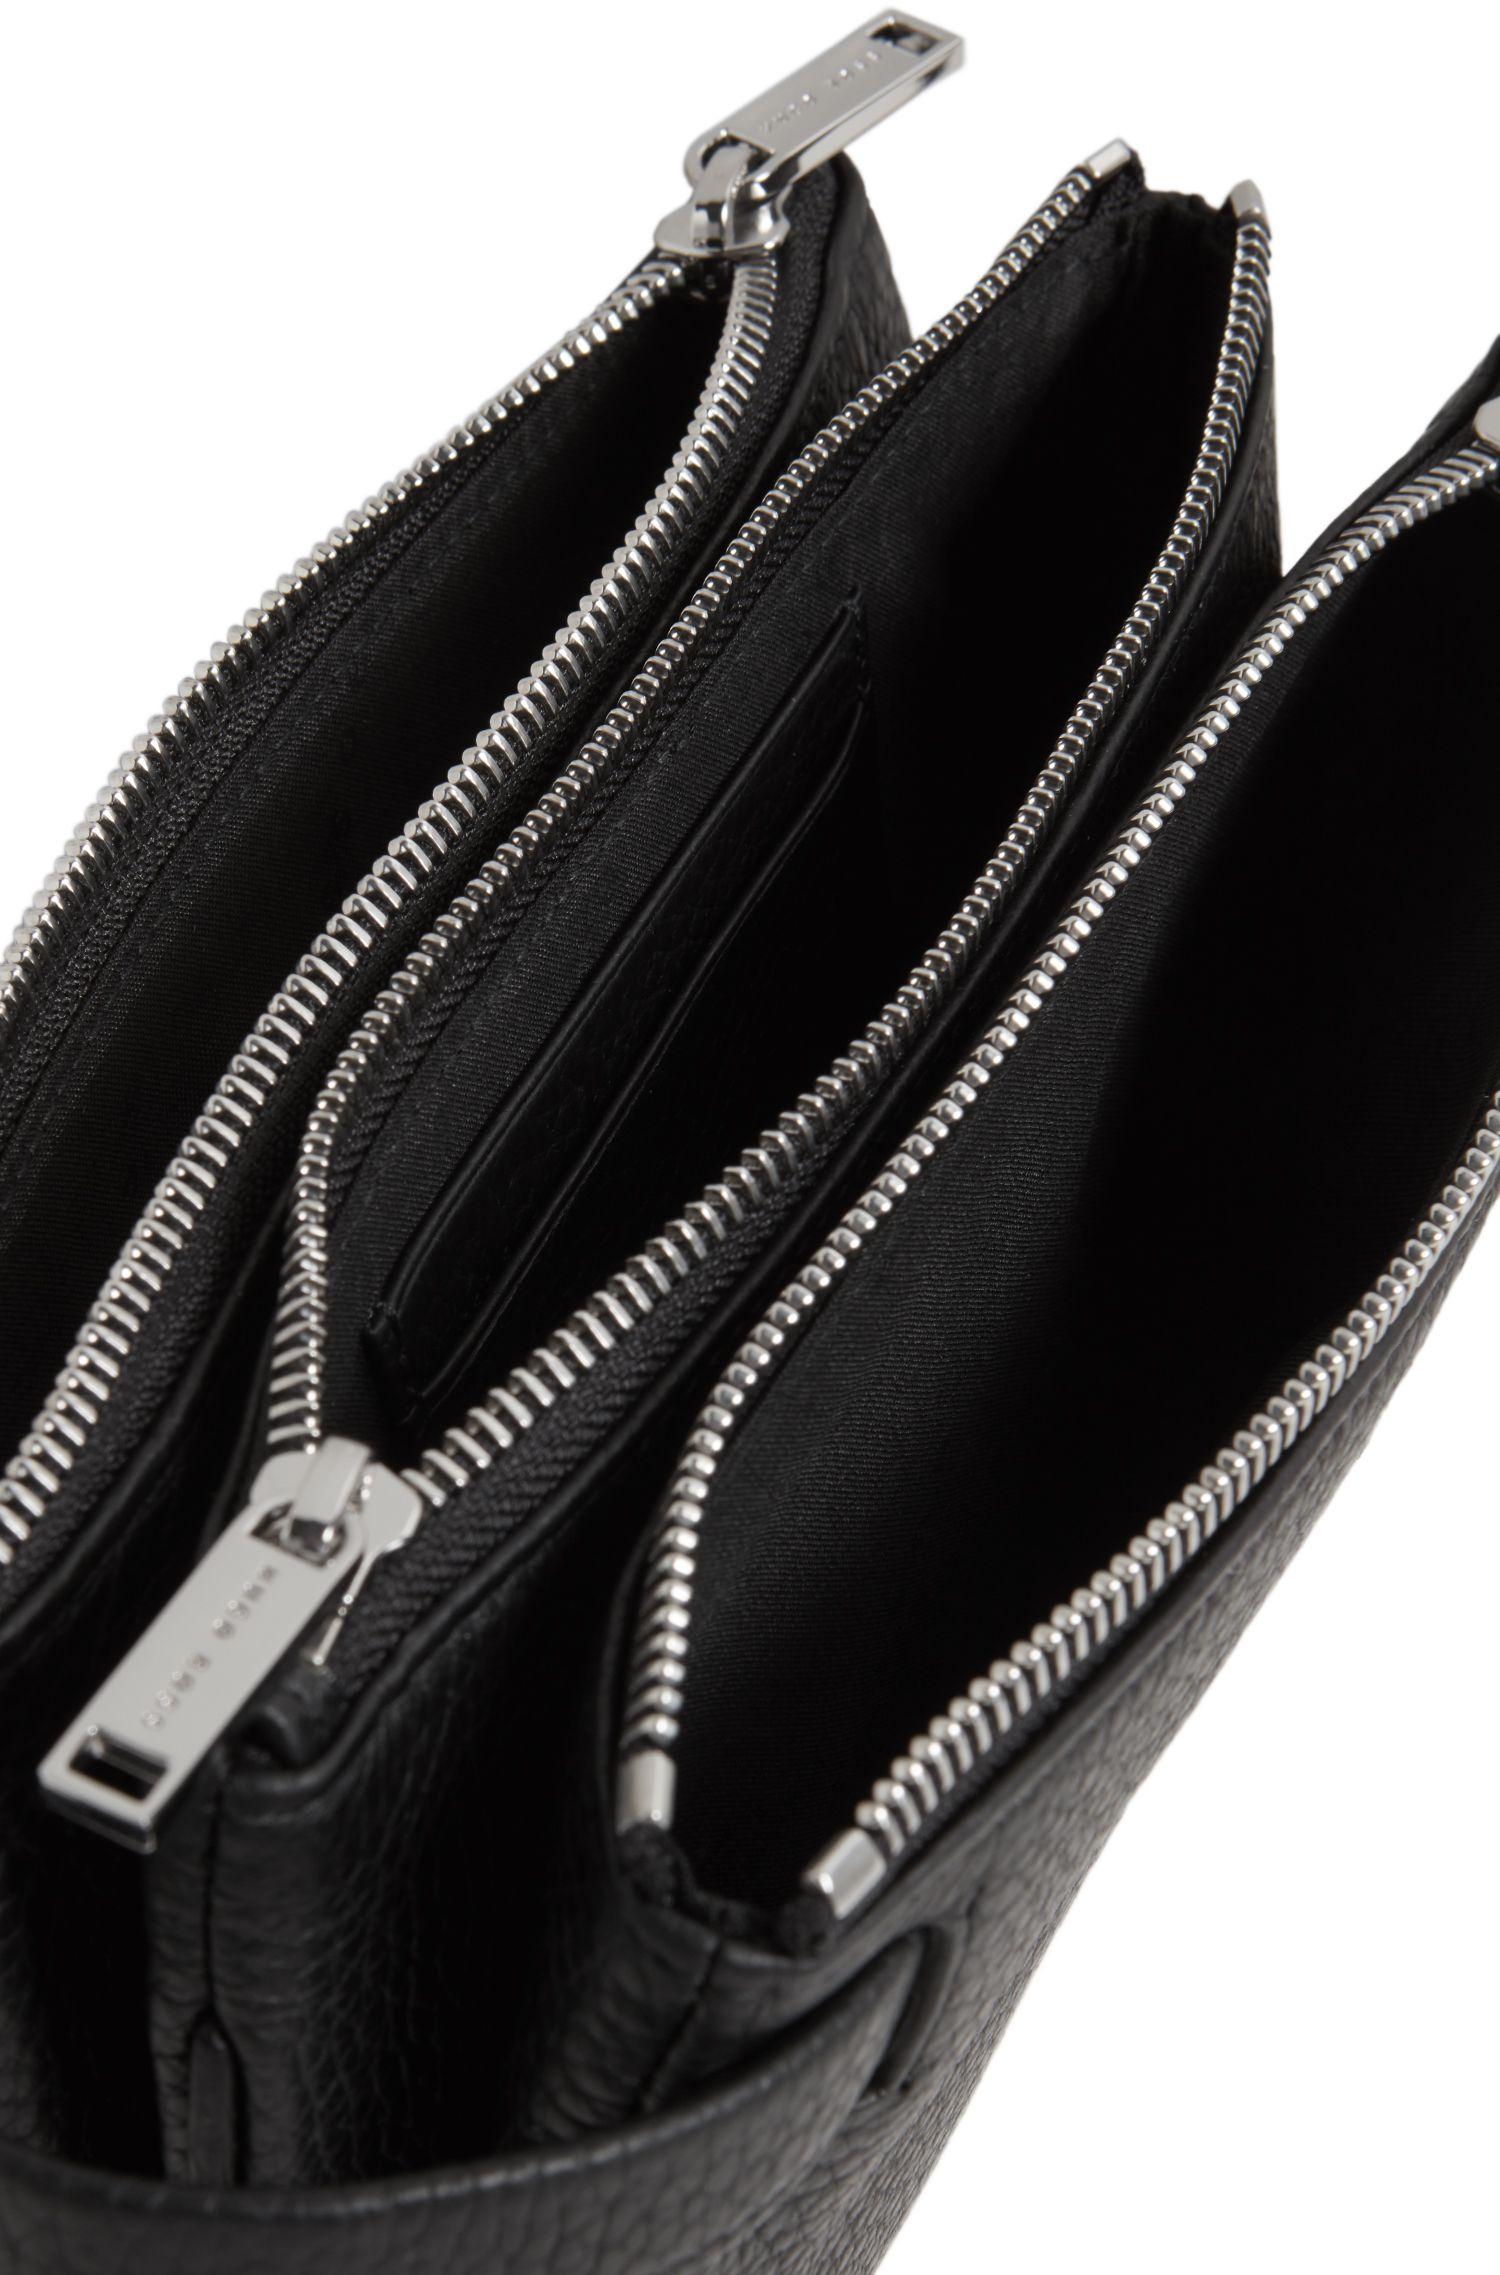 Pochette zippée en cuir grainé, avec poignée rétractable